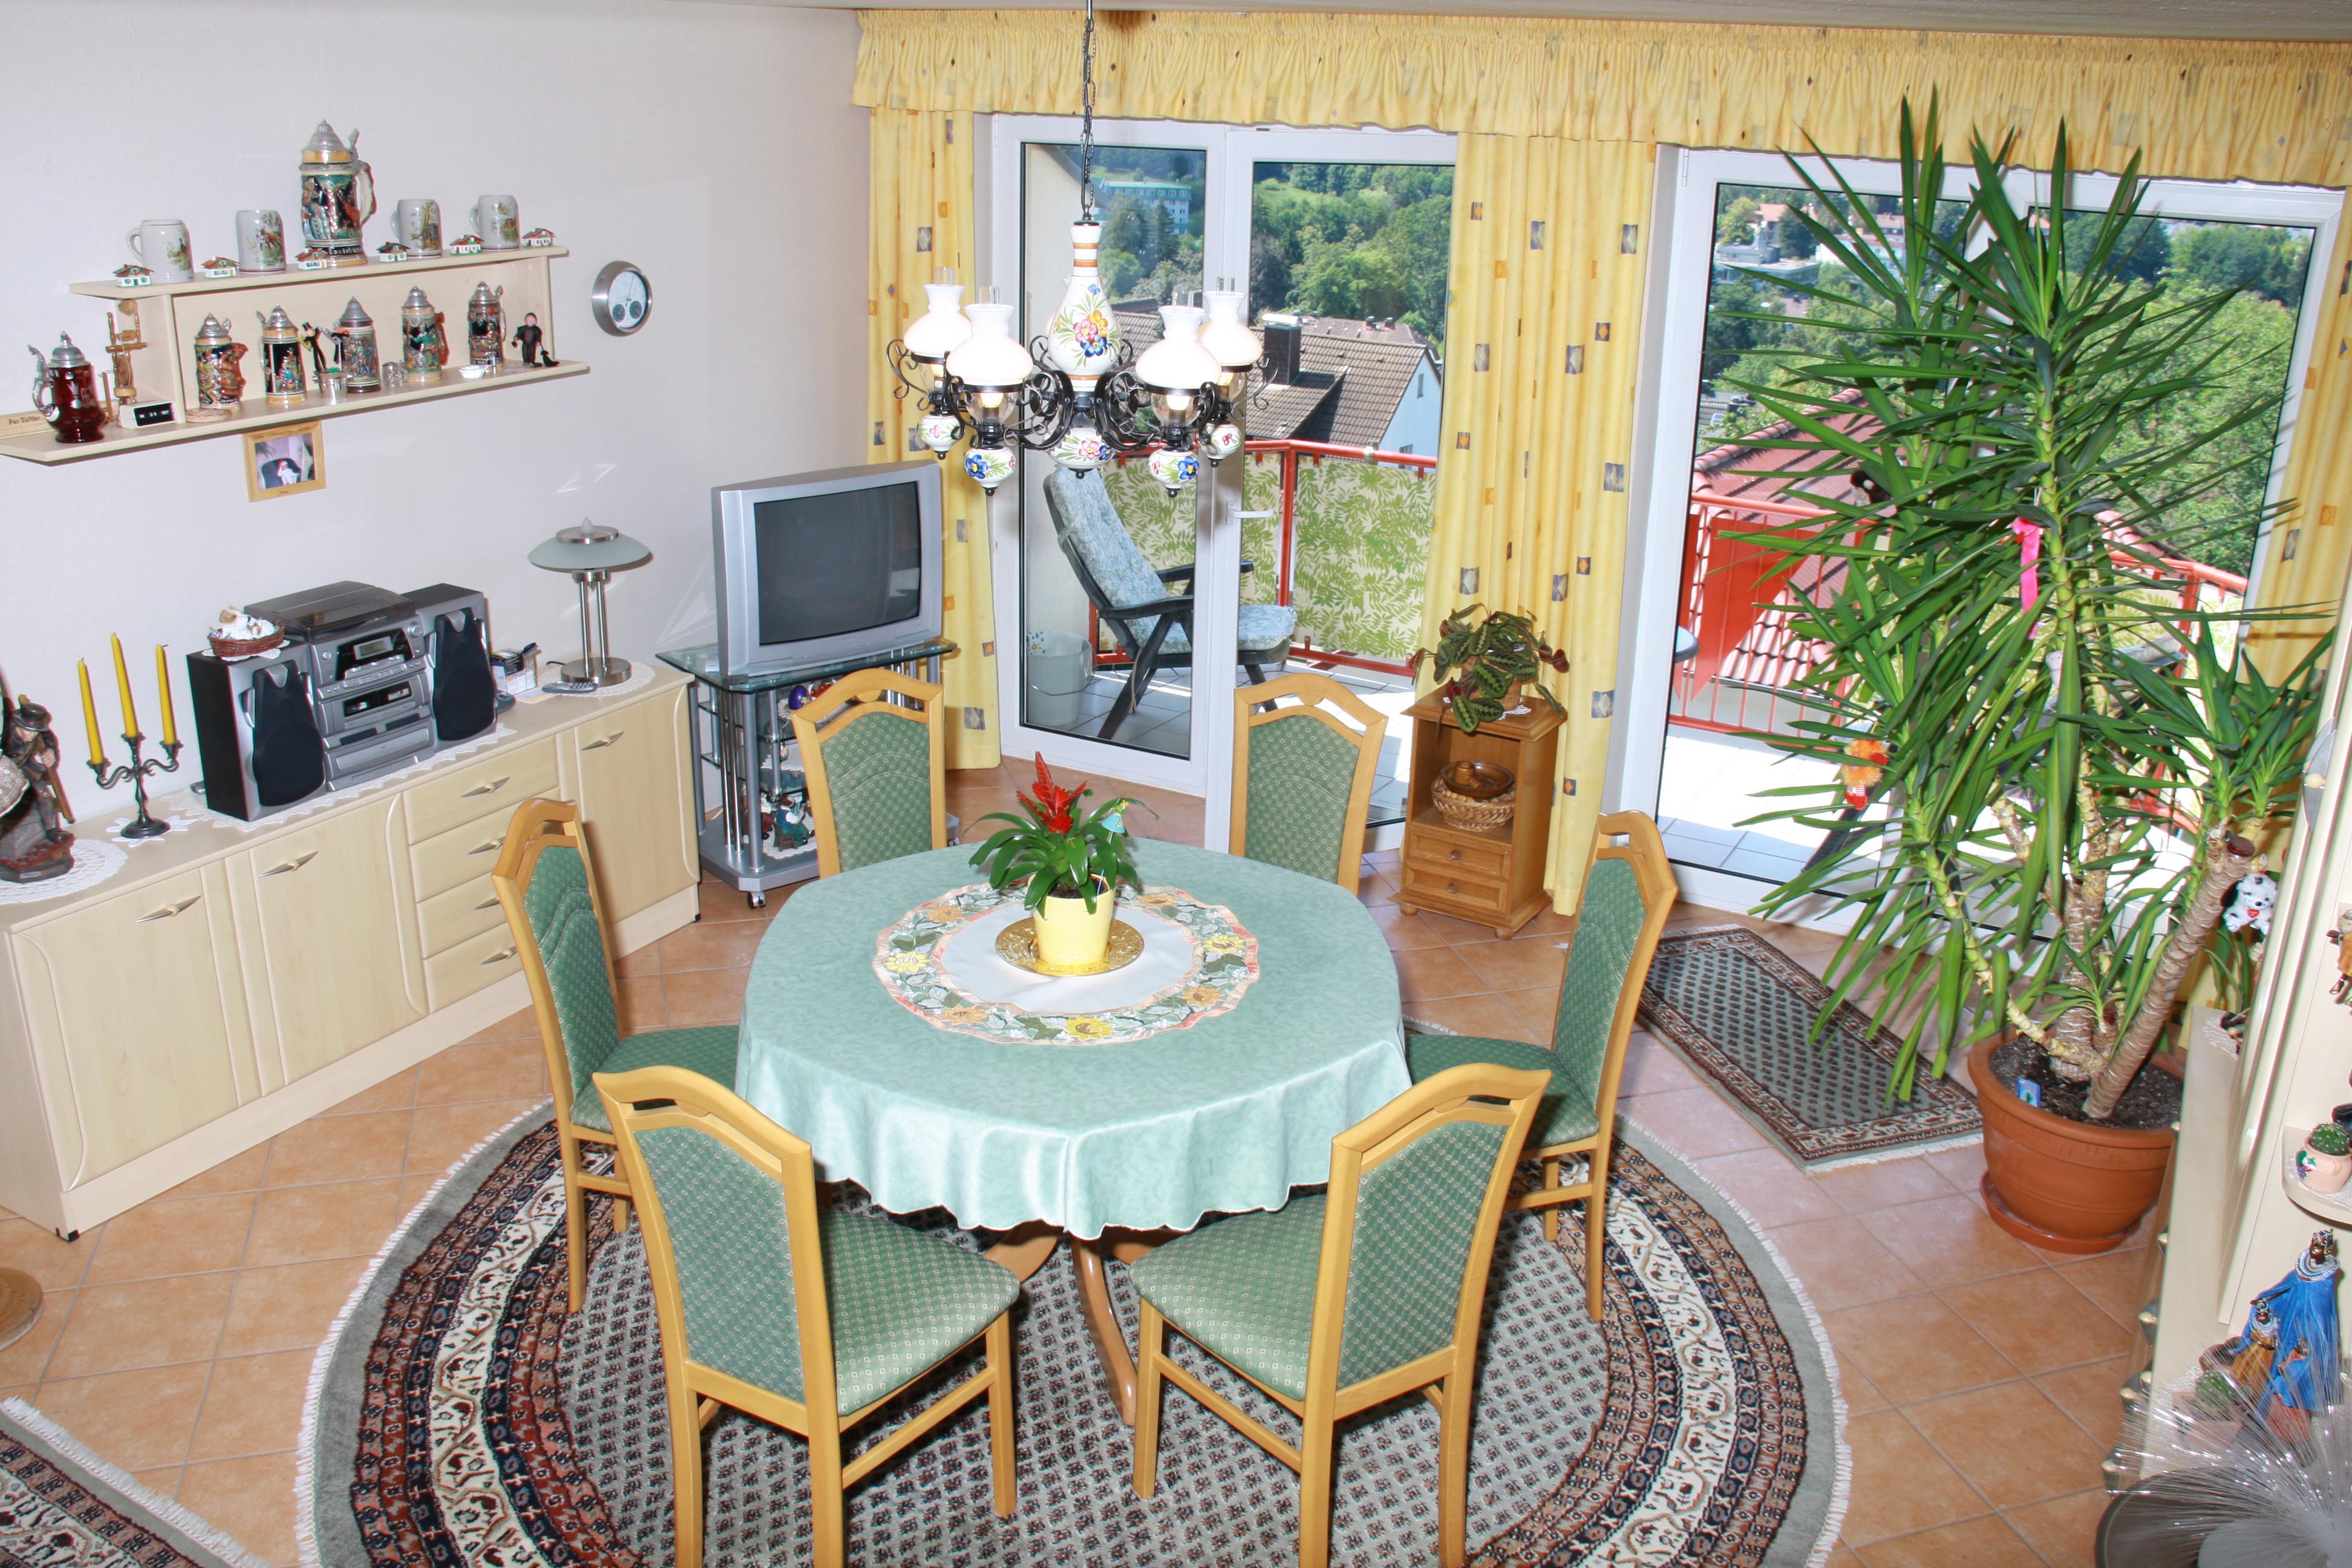 immobilien kleinanzeigen in aschaffenburg seite 3. Black Bedroom Furniture Sets. Home Design Ideas